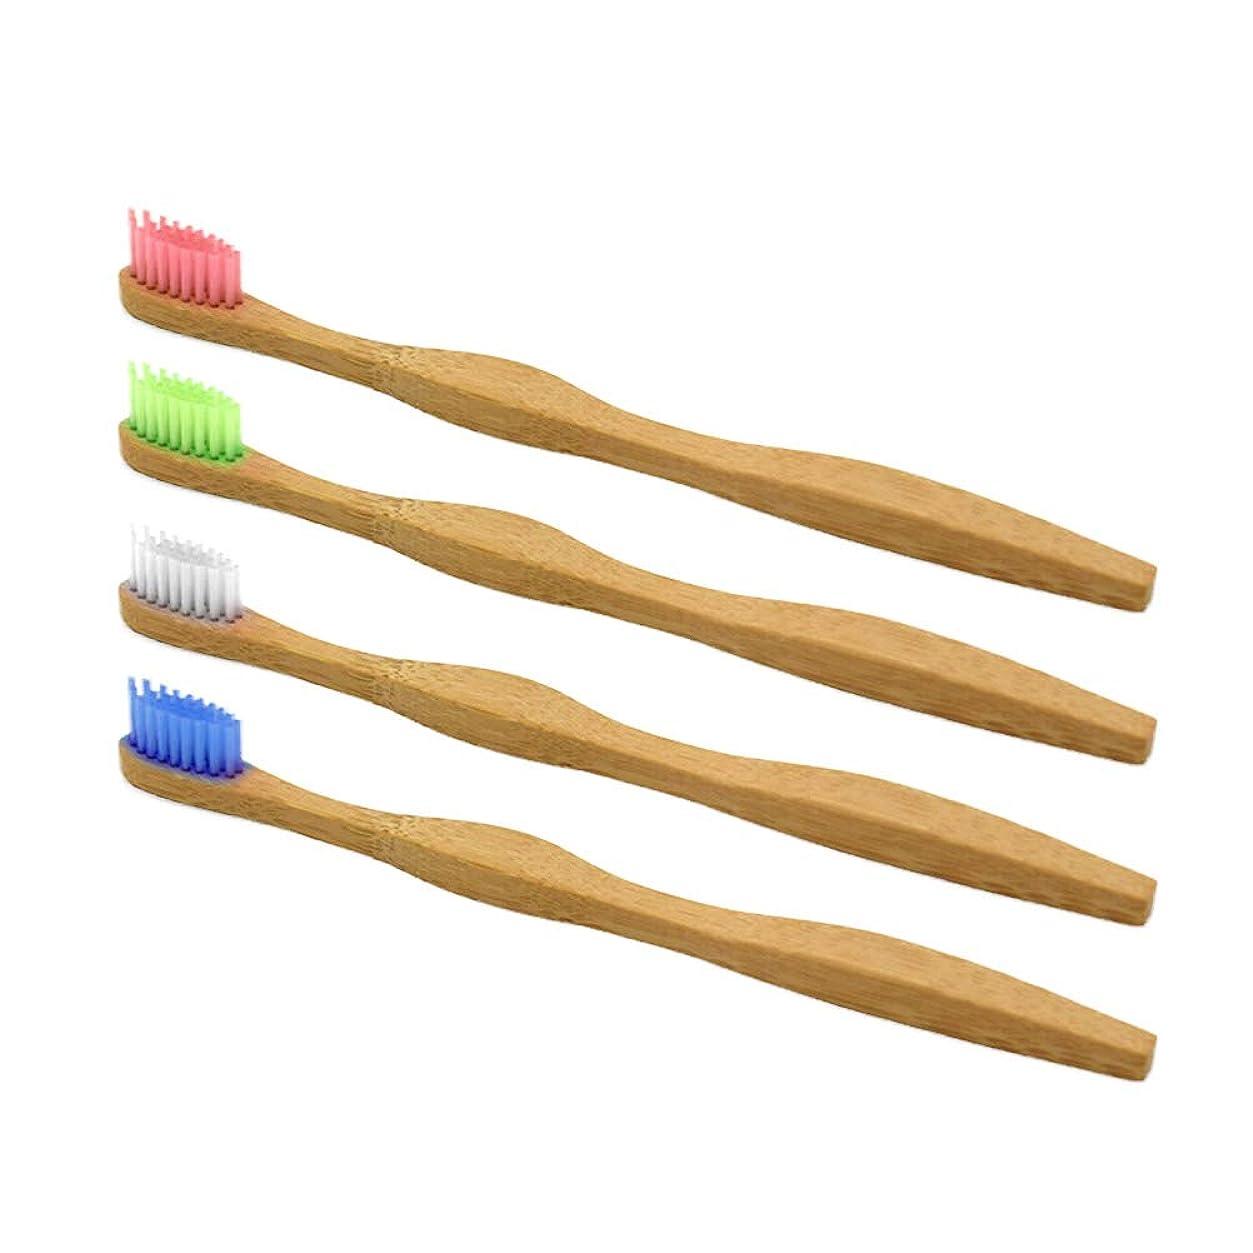 びっくりする北税金Healifty 家庭用およびトラベル用4本(白、青、ピンク、緑)用歯ブラシ竹製歯ブラシ